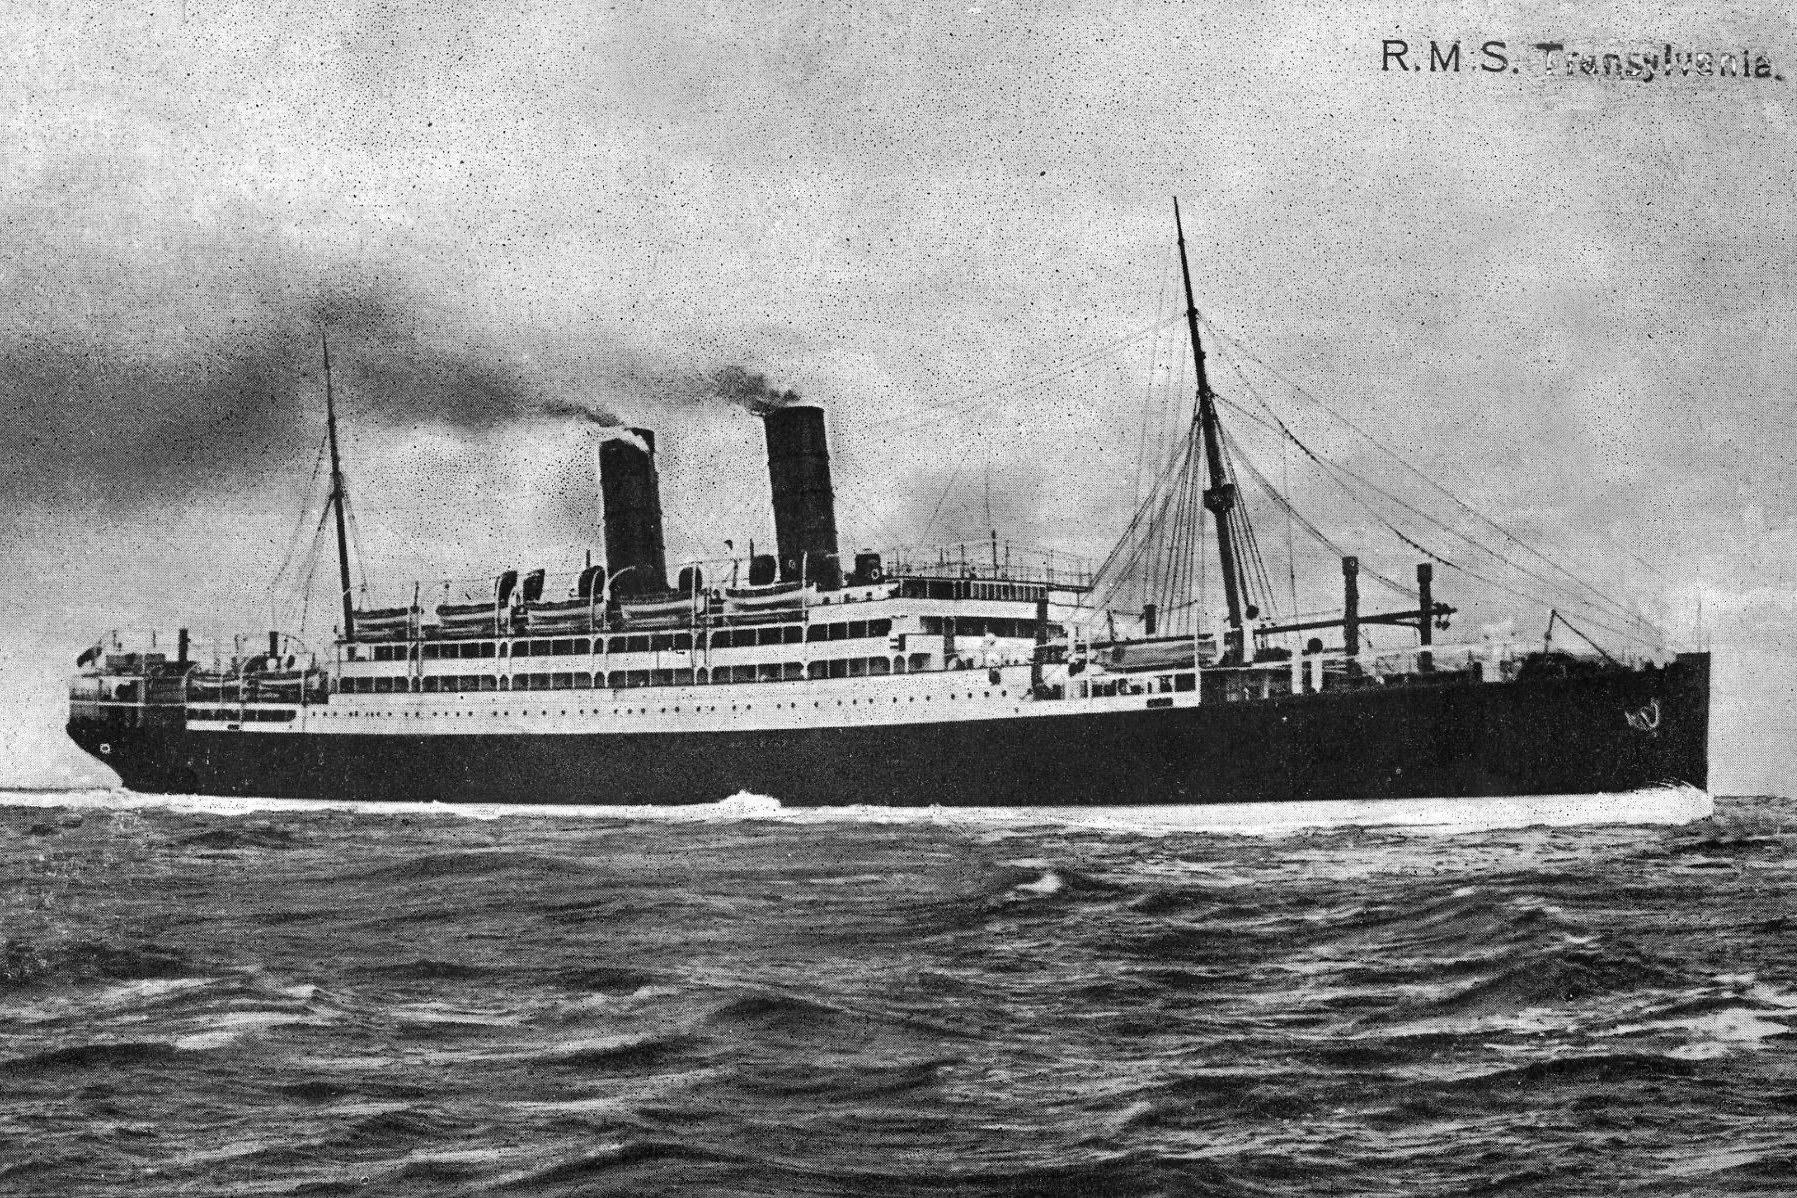 RMS Transylvania